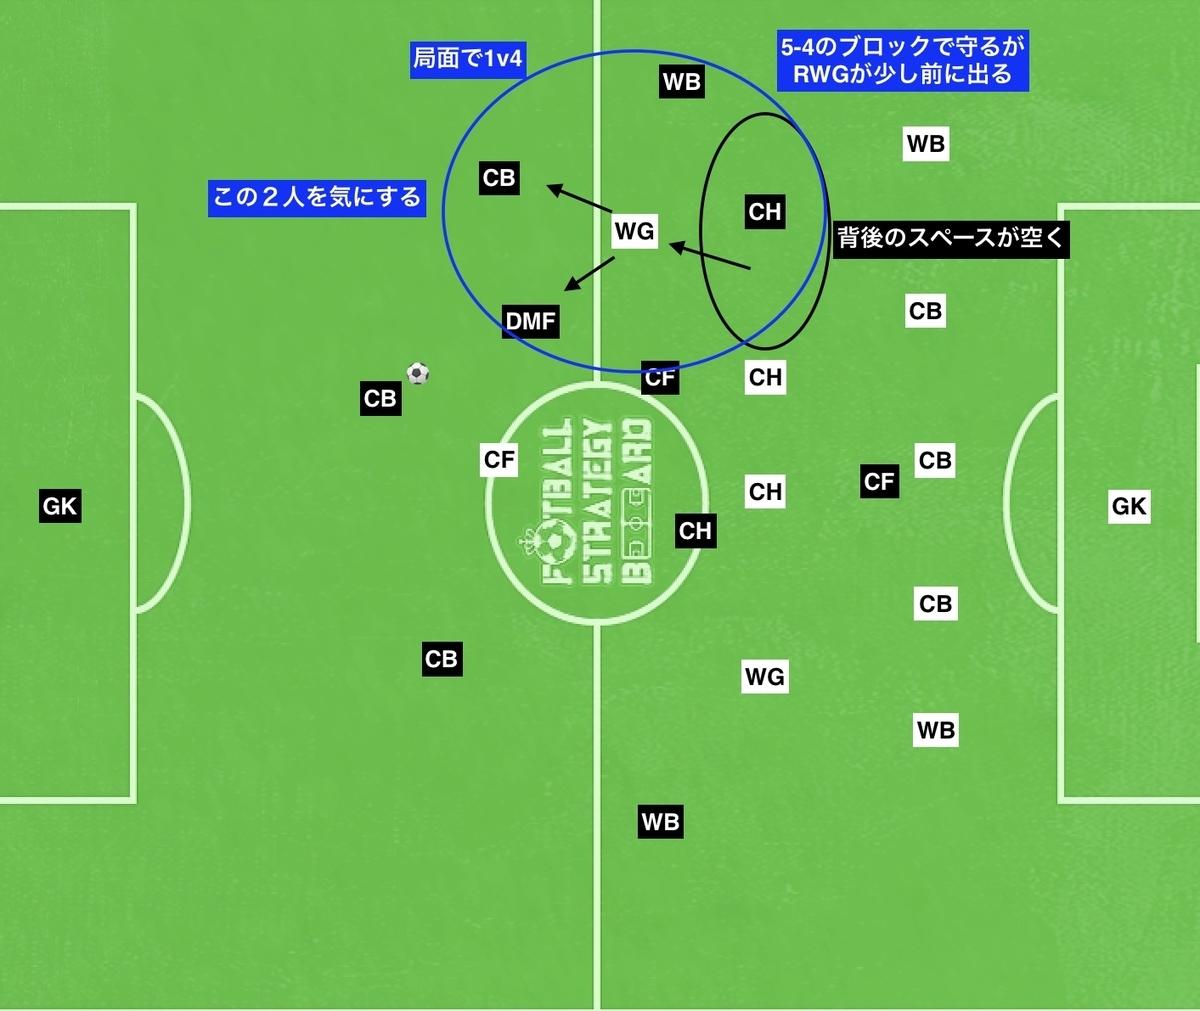 f:id:football-analyst:20190723101155j:plain